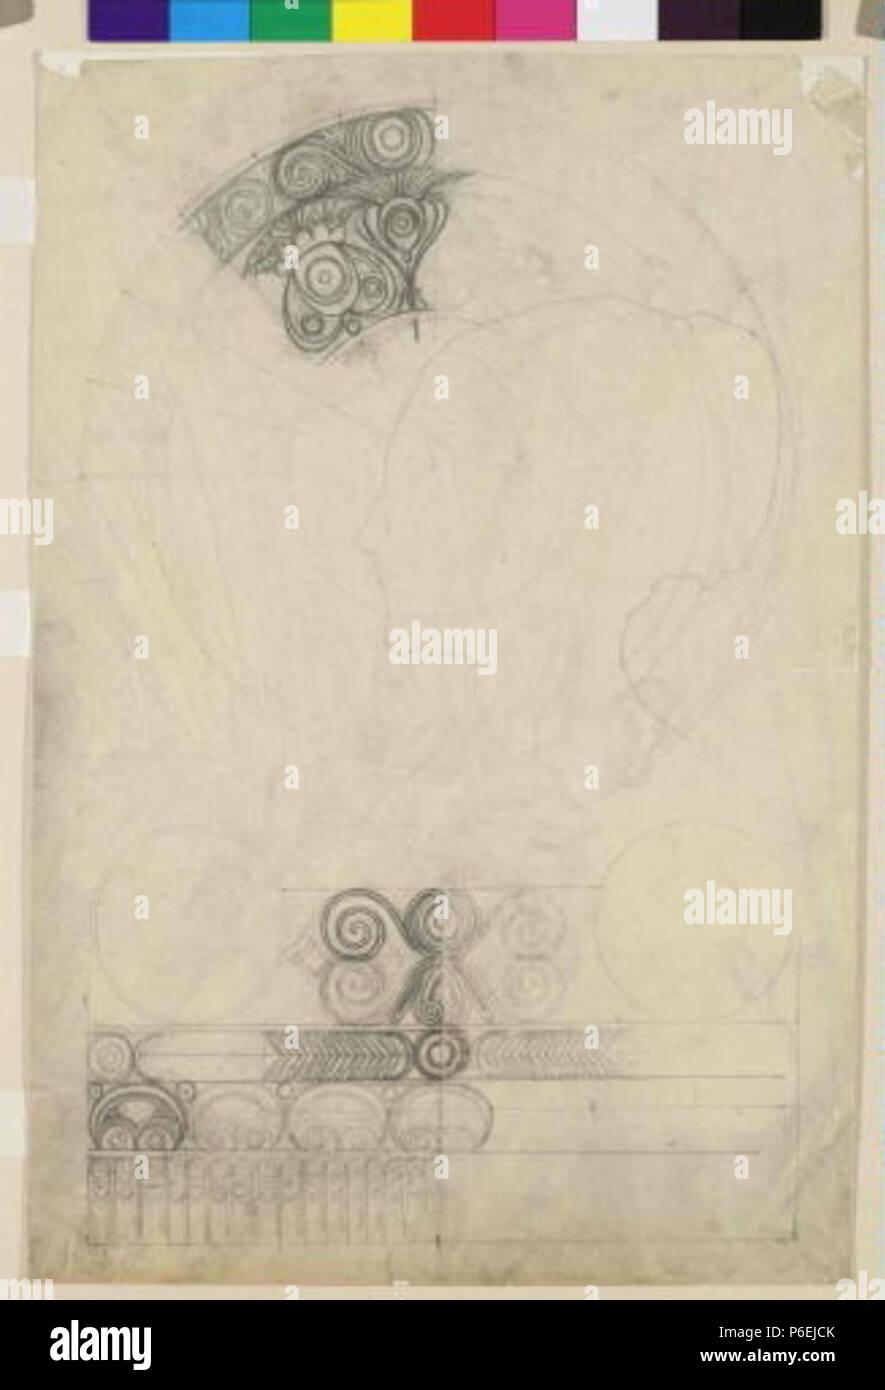 .  eština: Studie k dekorativnímu panneau Chardon de Greves  circa 1901 6 Autor Alfons Mucha 24.7.1860-14.7.1939 - Studie k dekorativnimu panneau Chardon de Greves Stock Photo